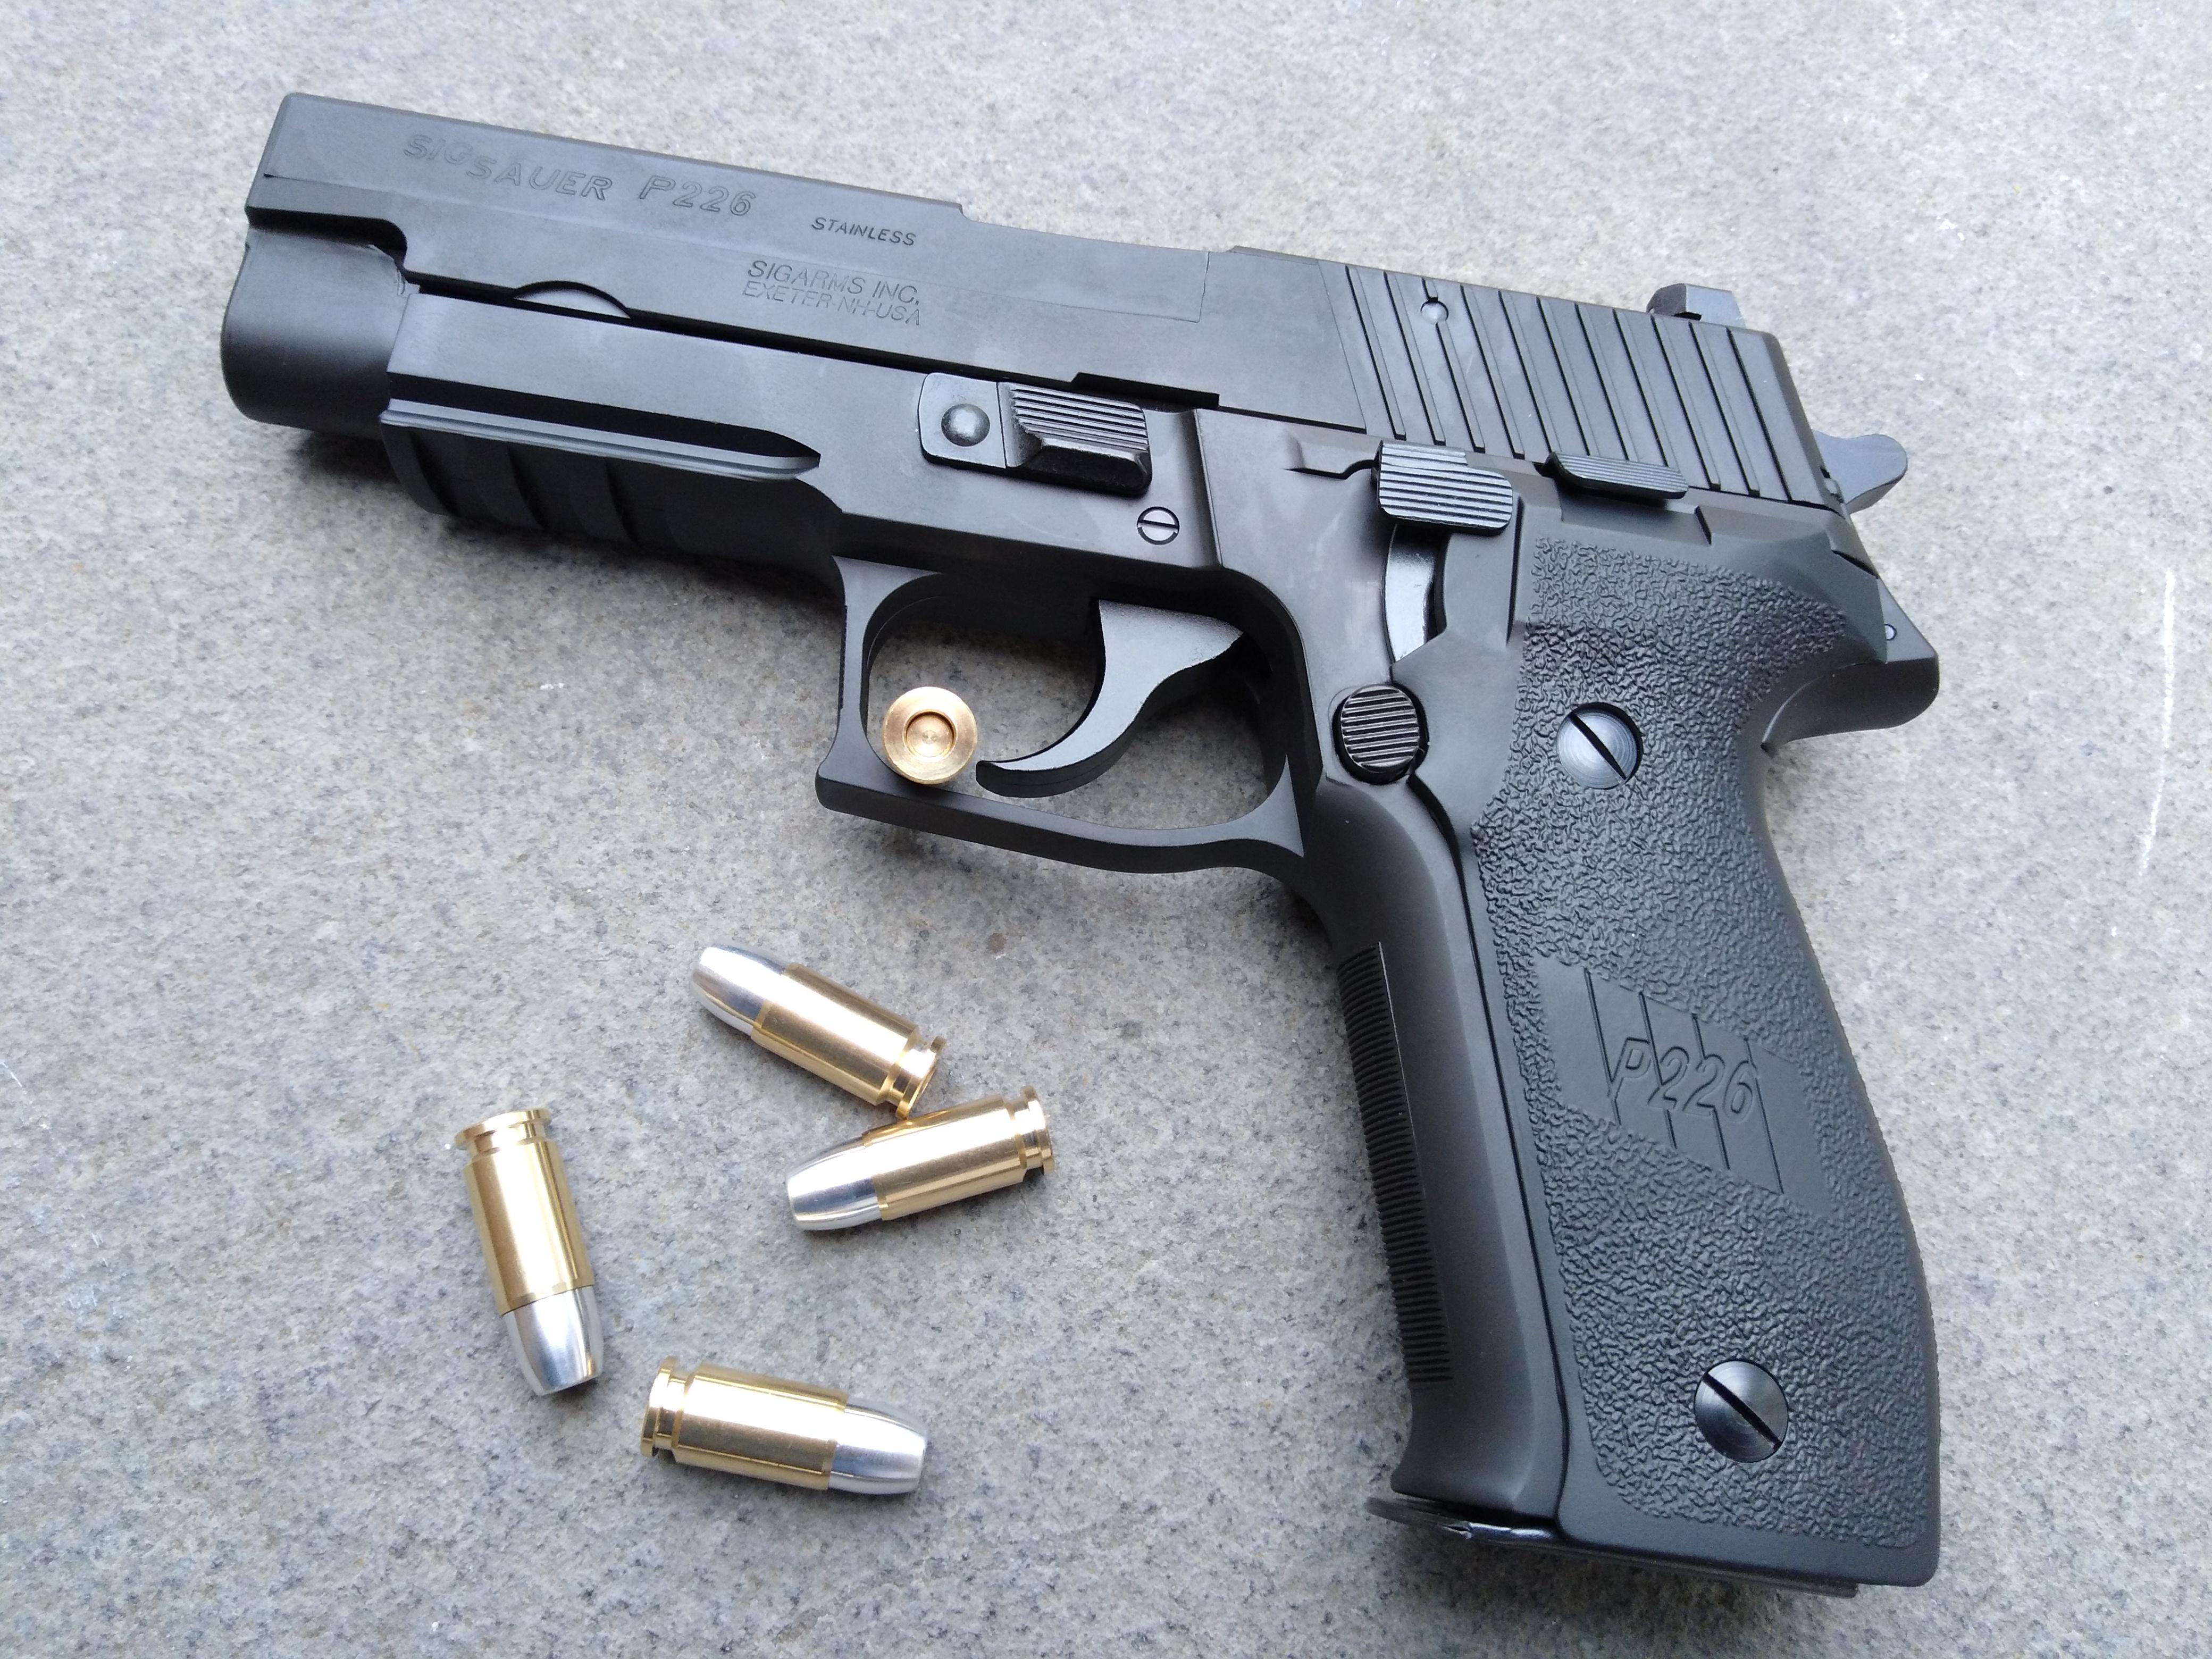 Tanaka Sig P226 RAILED FRAME